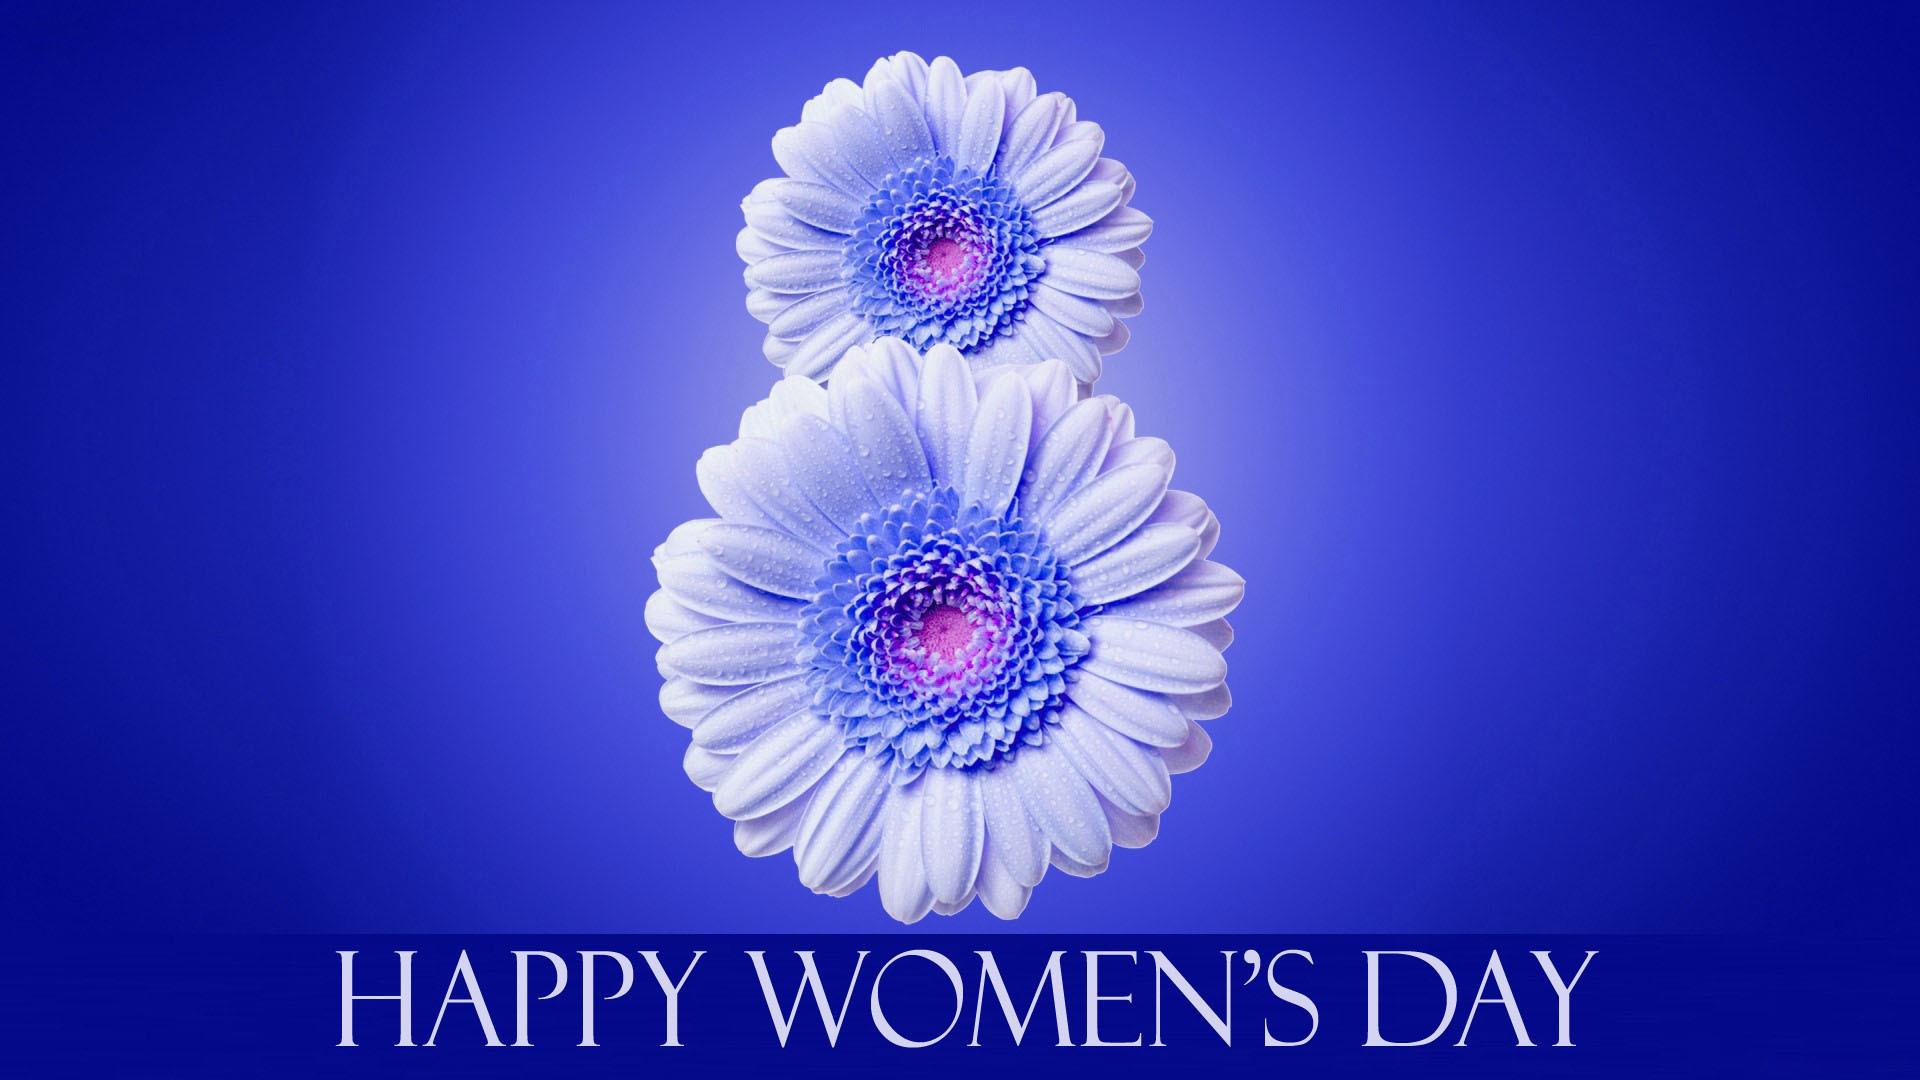 8 marzo festa della donna, festeggiamenti